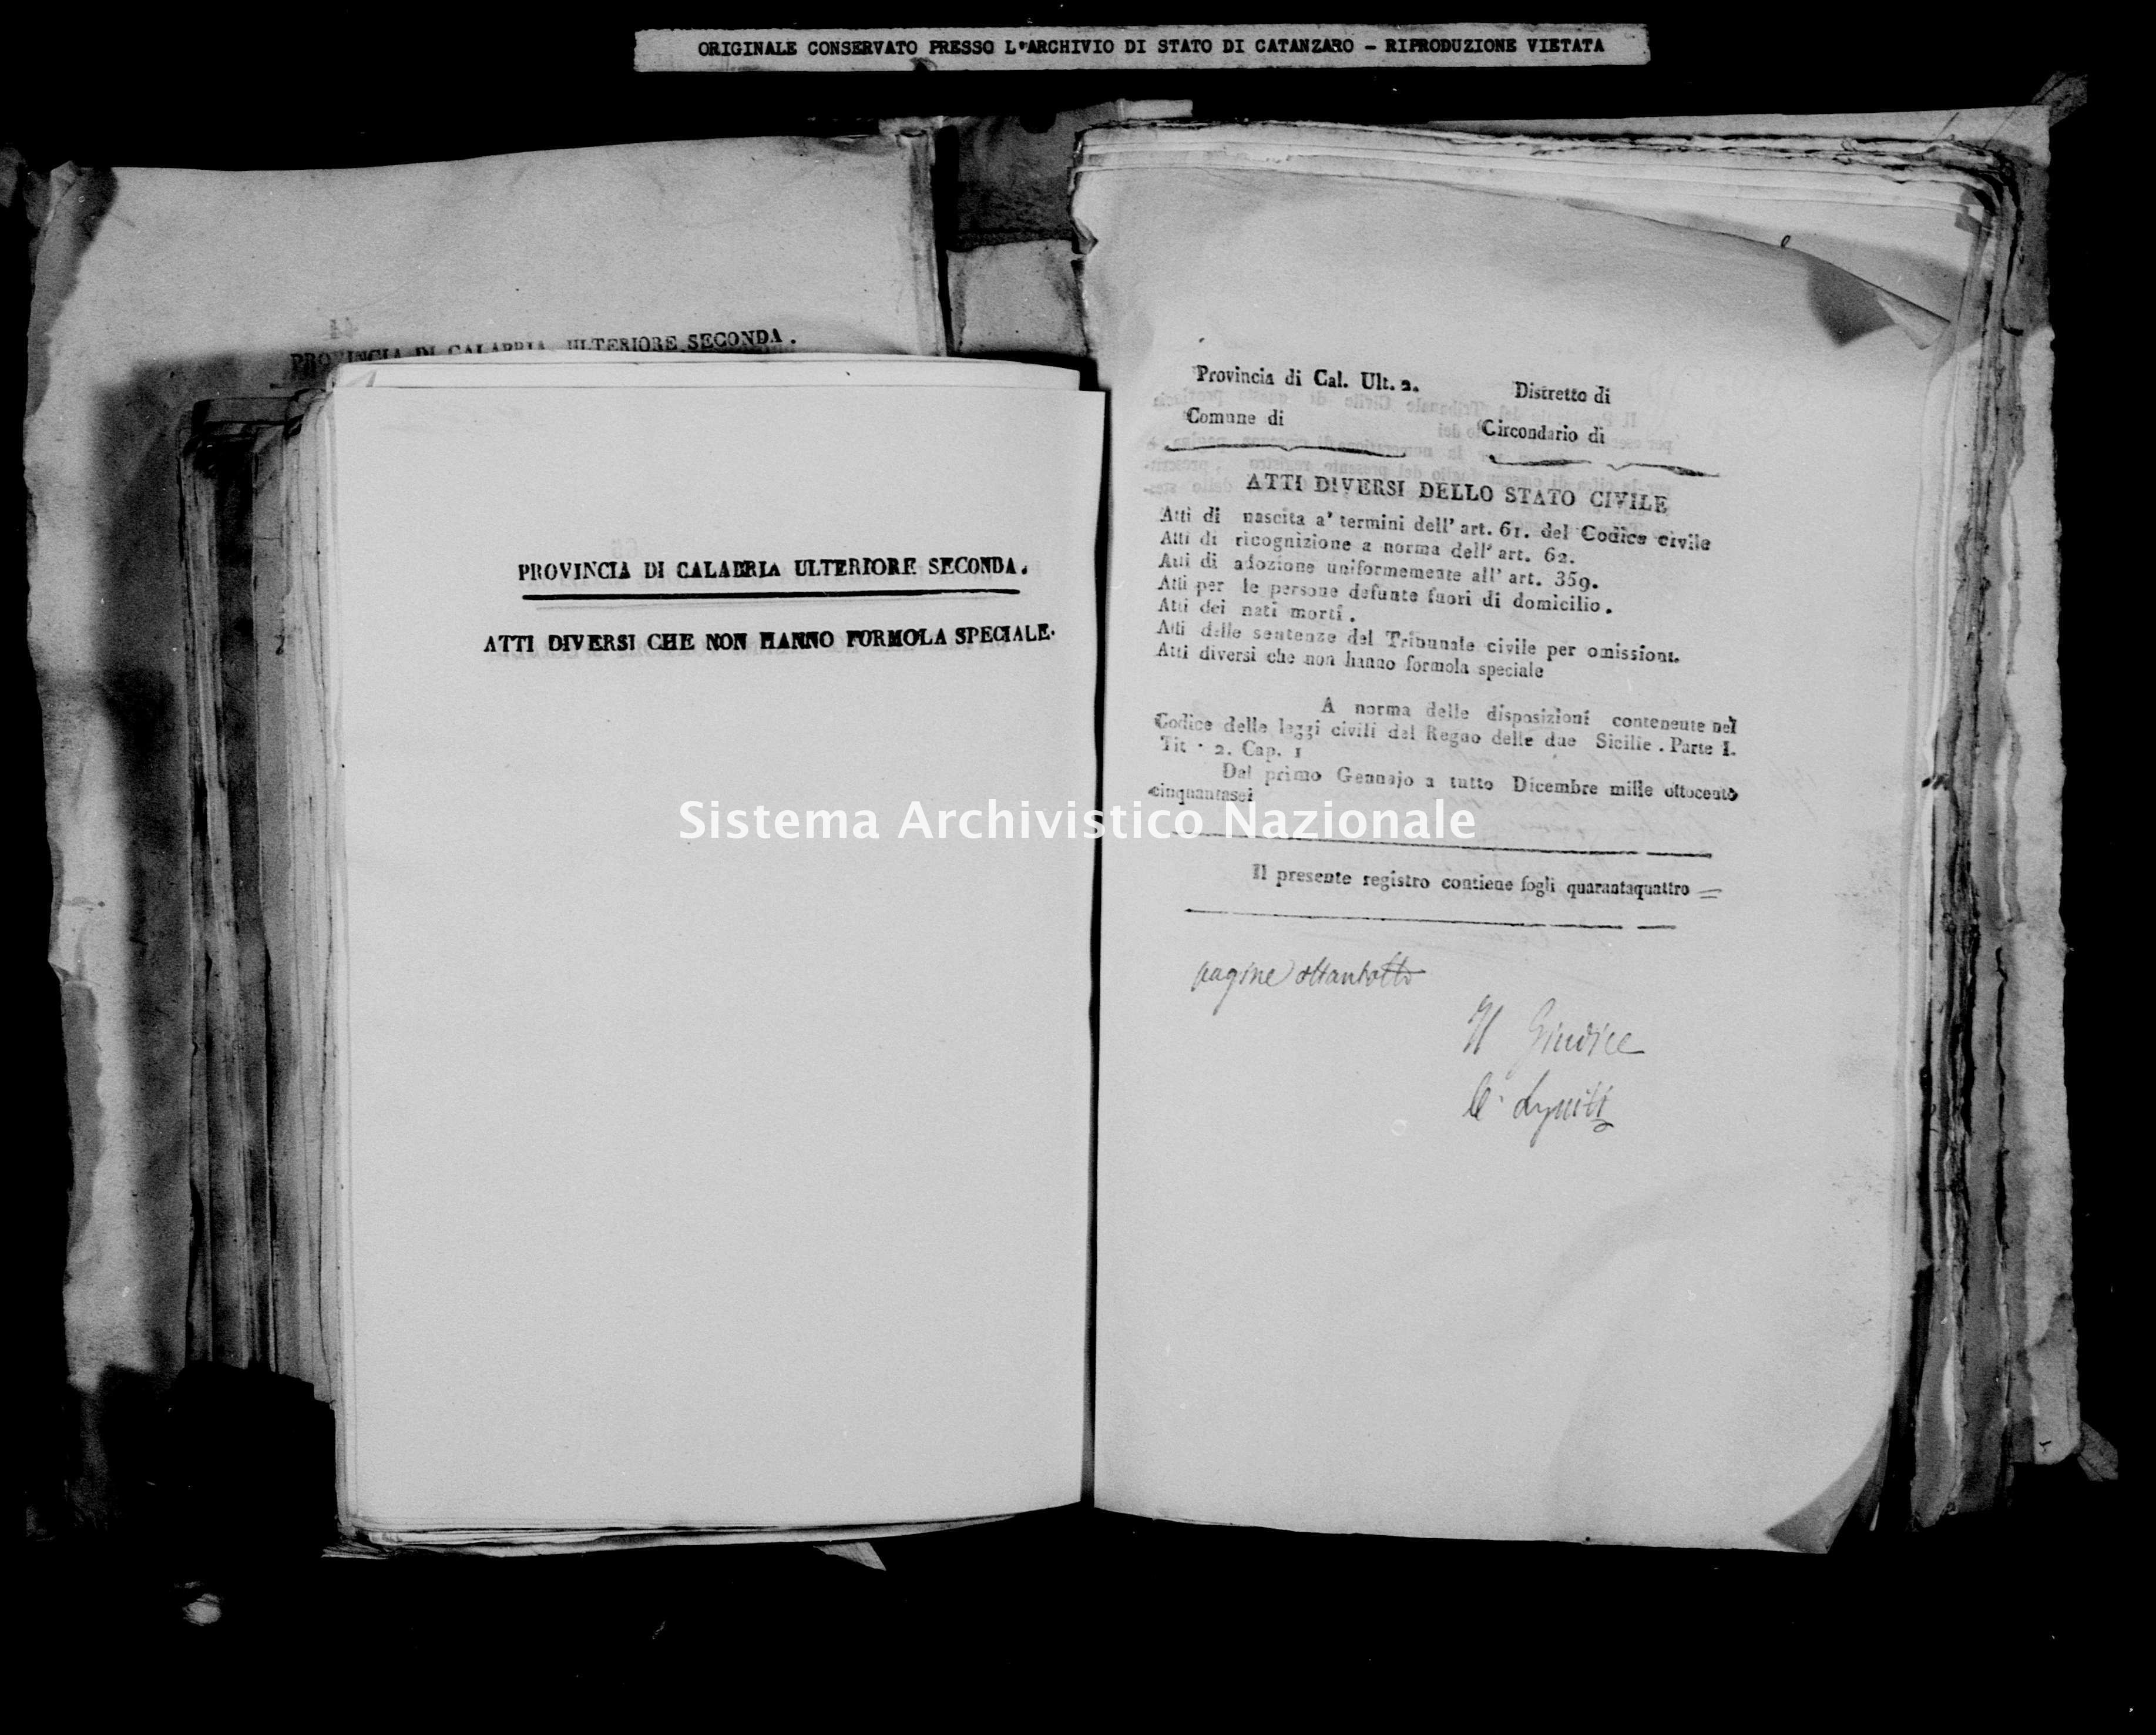 Archivio di stato di Catanzaro - Stato civile della restaurazione - Briatico - Diversi - 1856 -